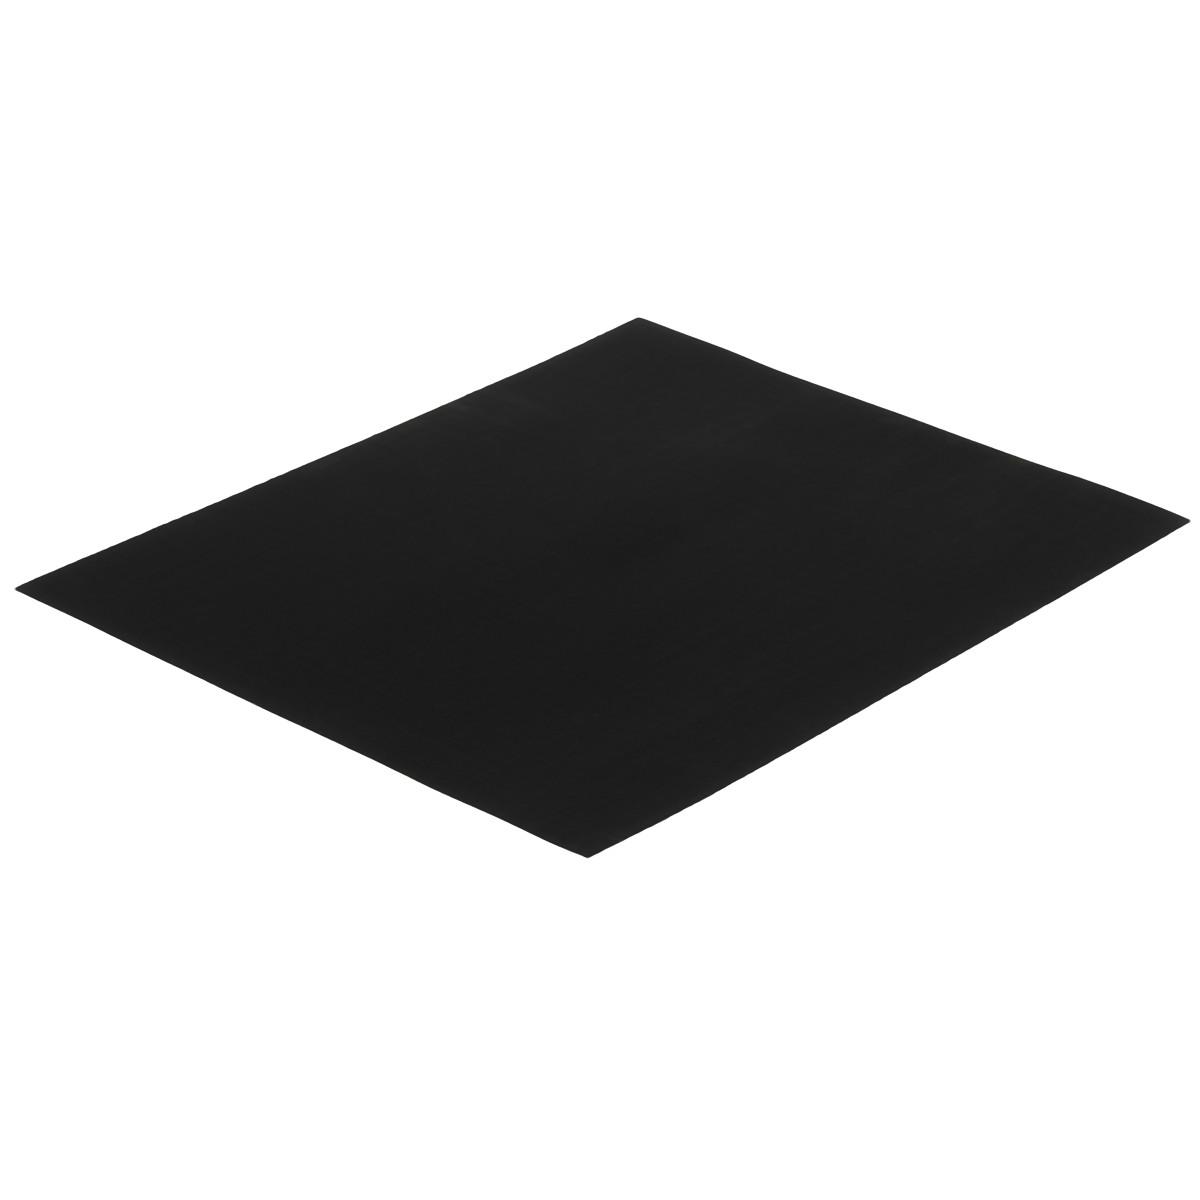 Лист шлифовальный Dexter P800 230x280 мм ткань